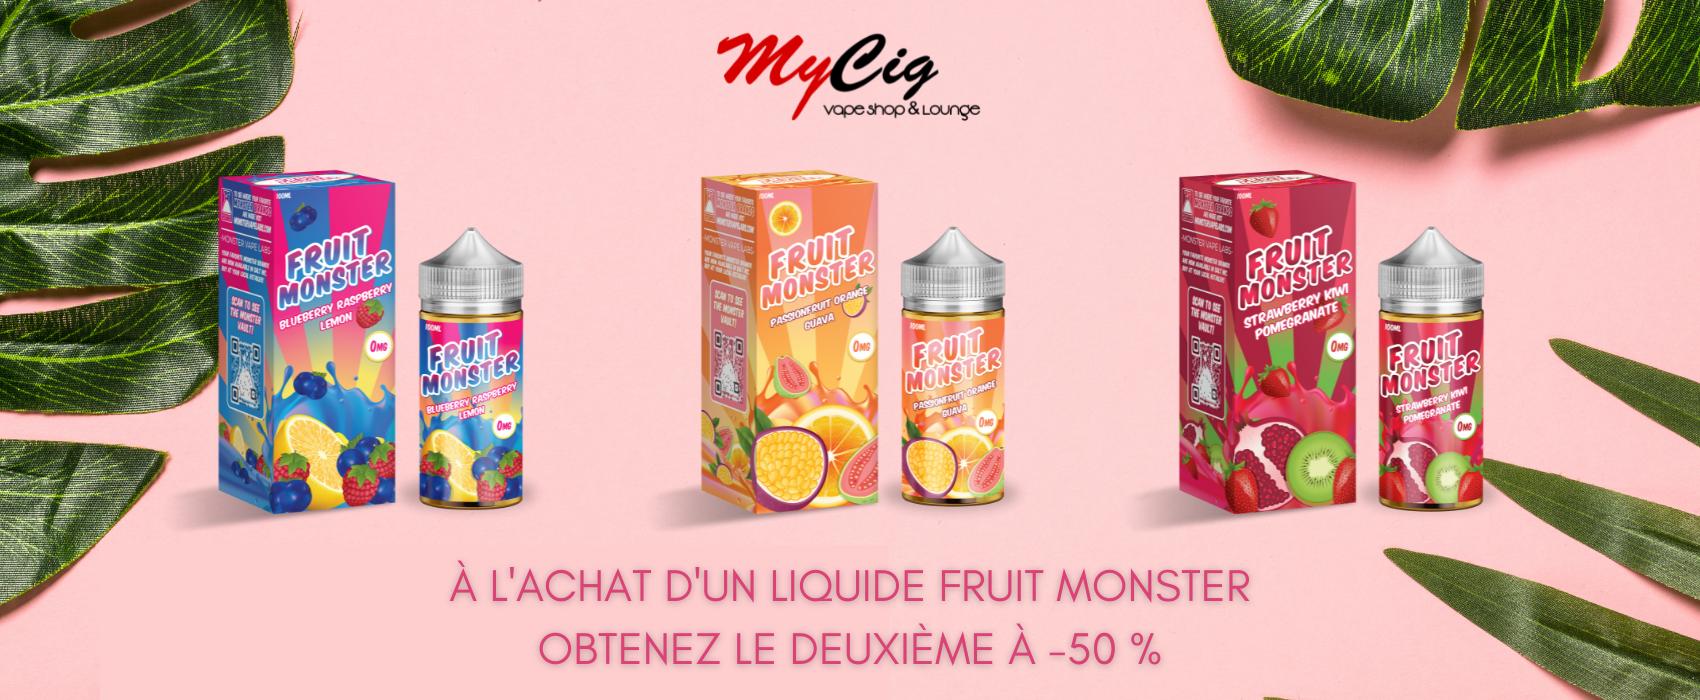 Fruit Monster Promo